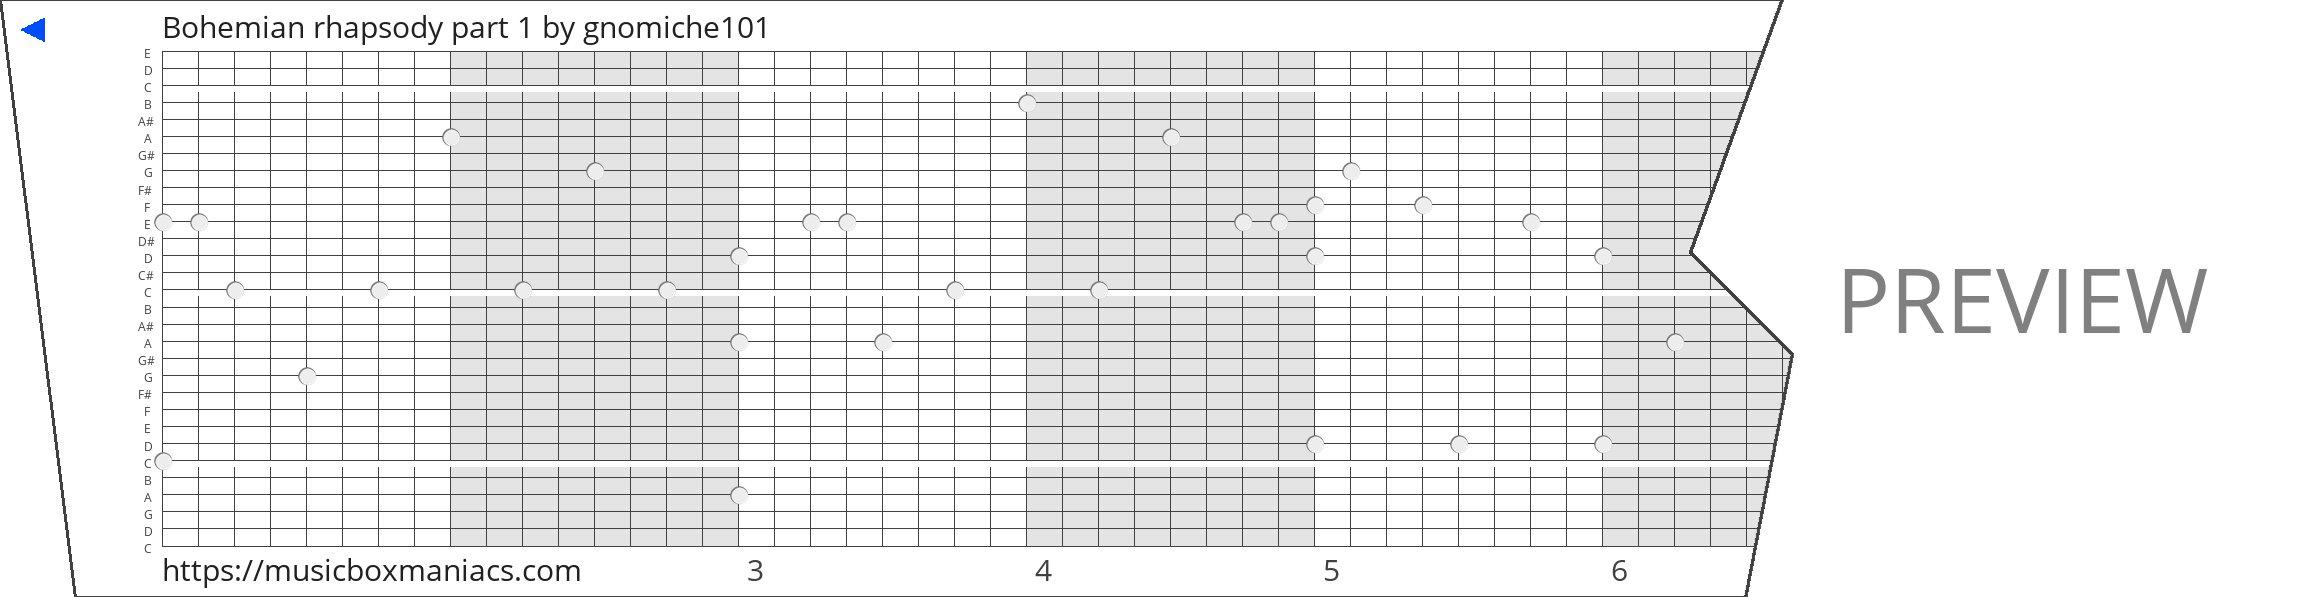 Bohemian rhapsody part 1 30 note music box paper strip